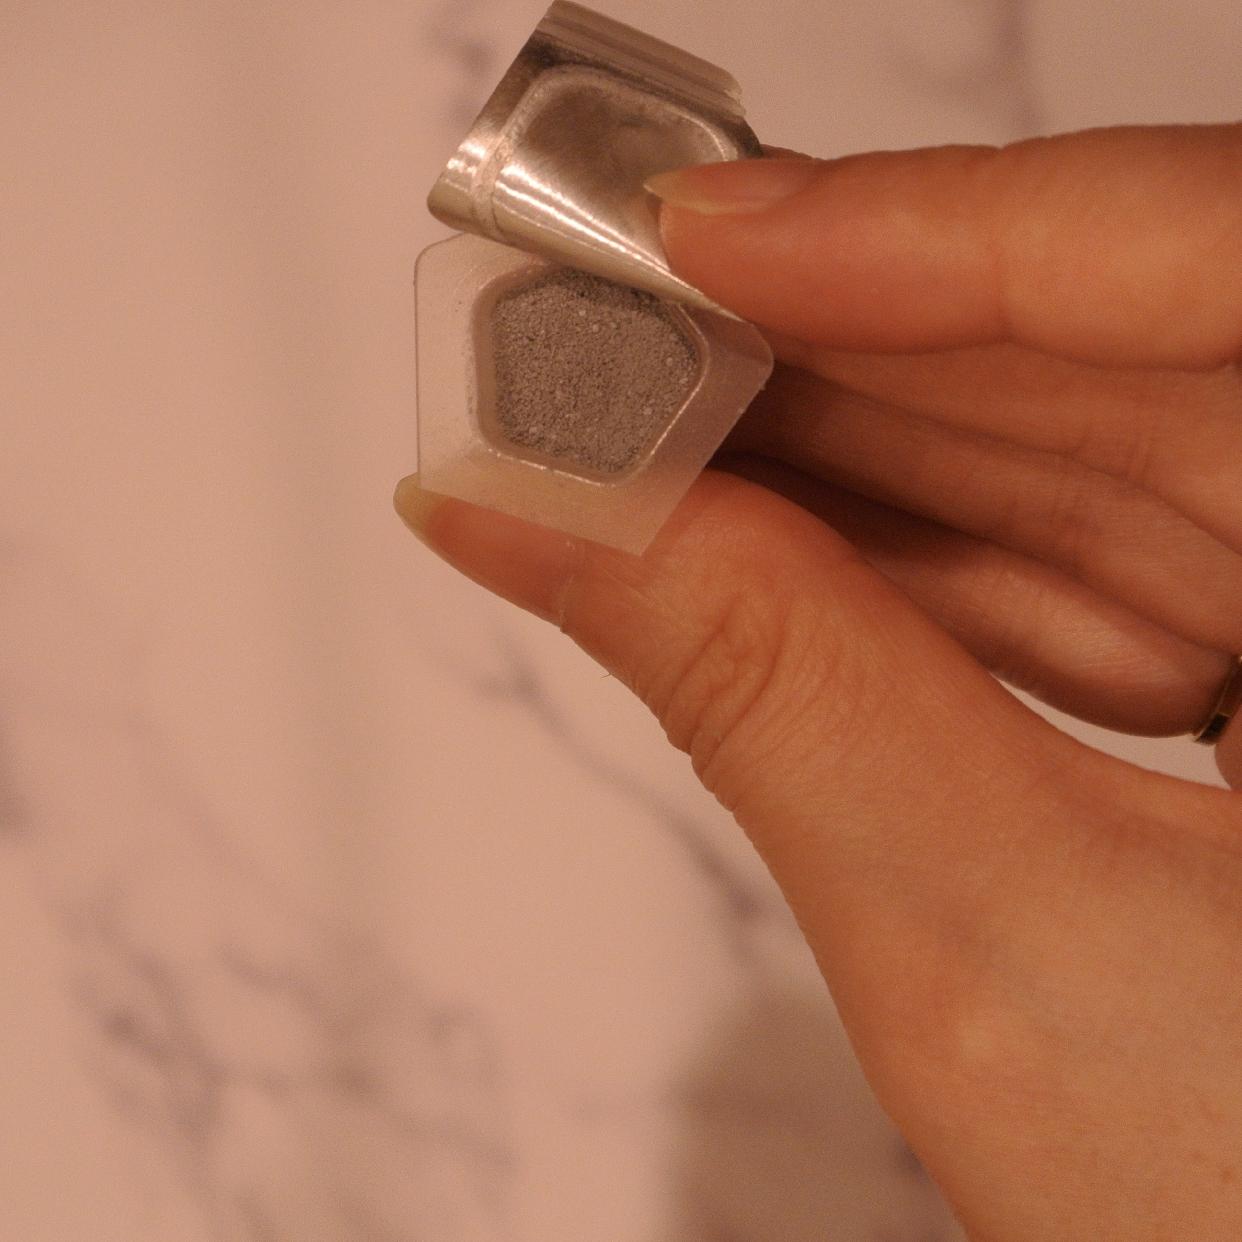 FANCL(ファンケル) ディープクリア洗顔パウダーの良い点・メリットに関するゆあさんの口コミ画像2